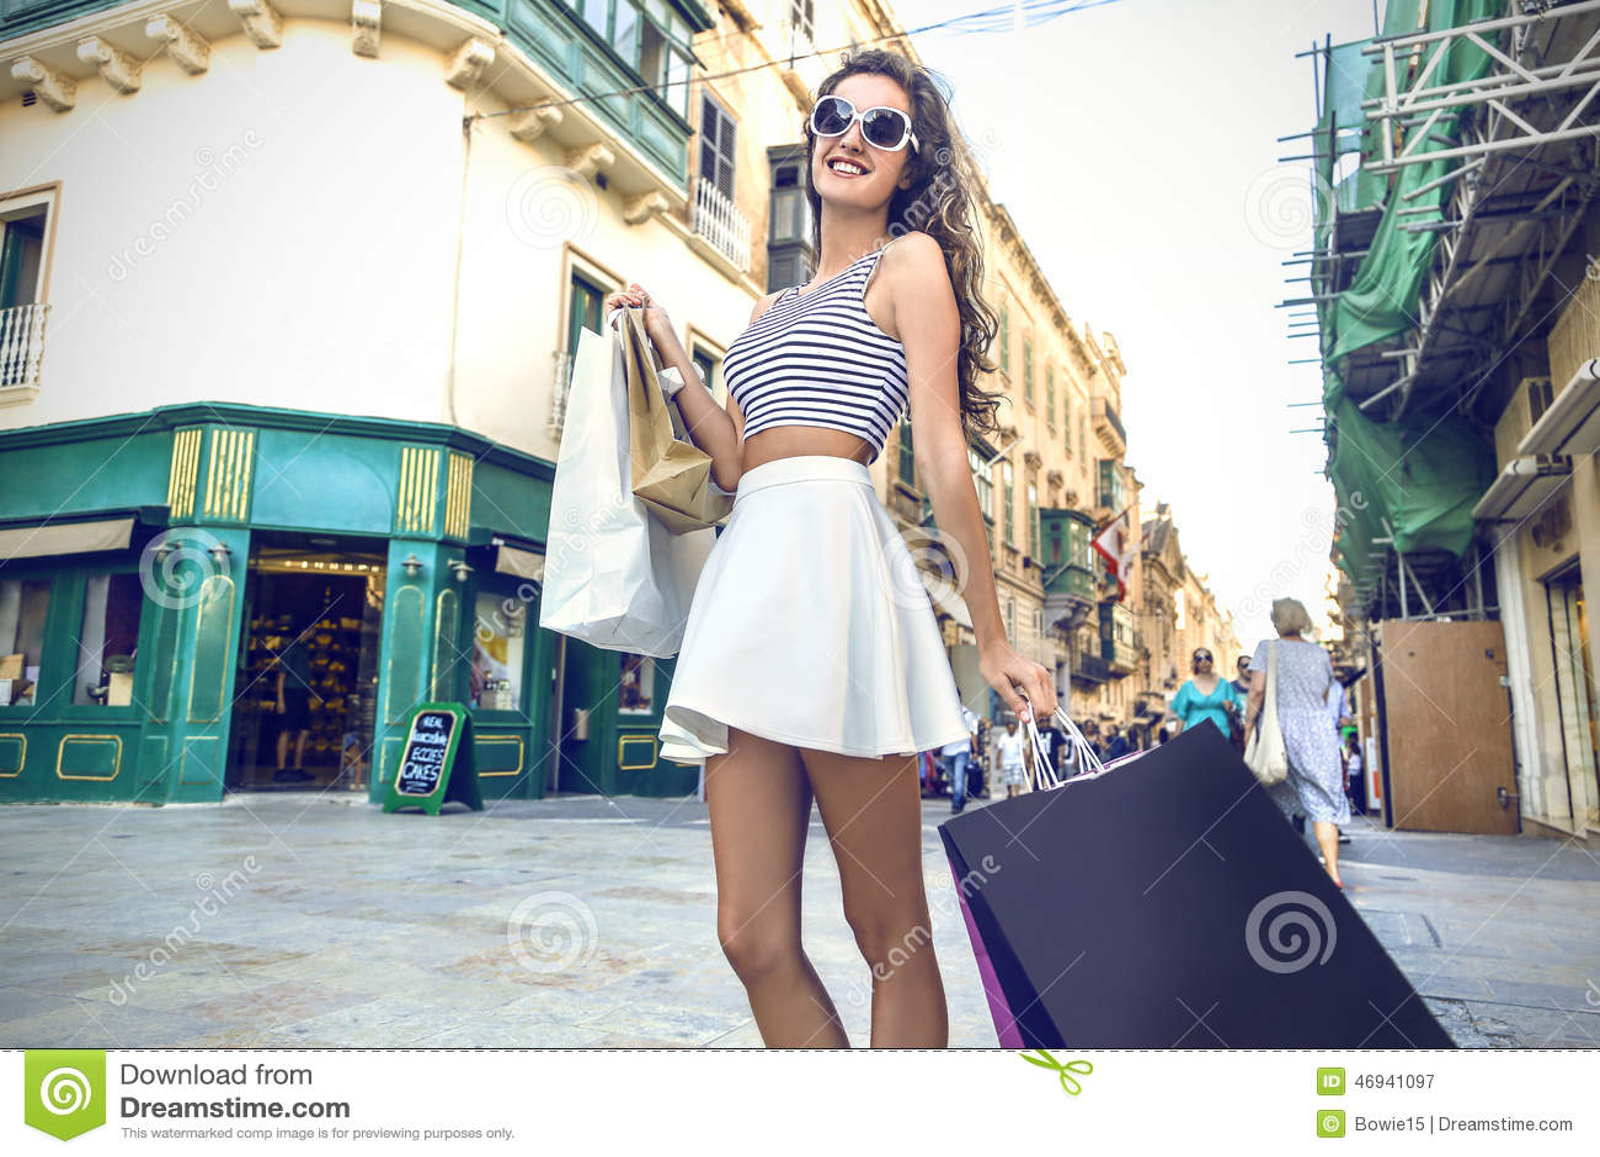 фото девушка модная